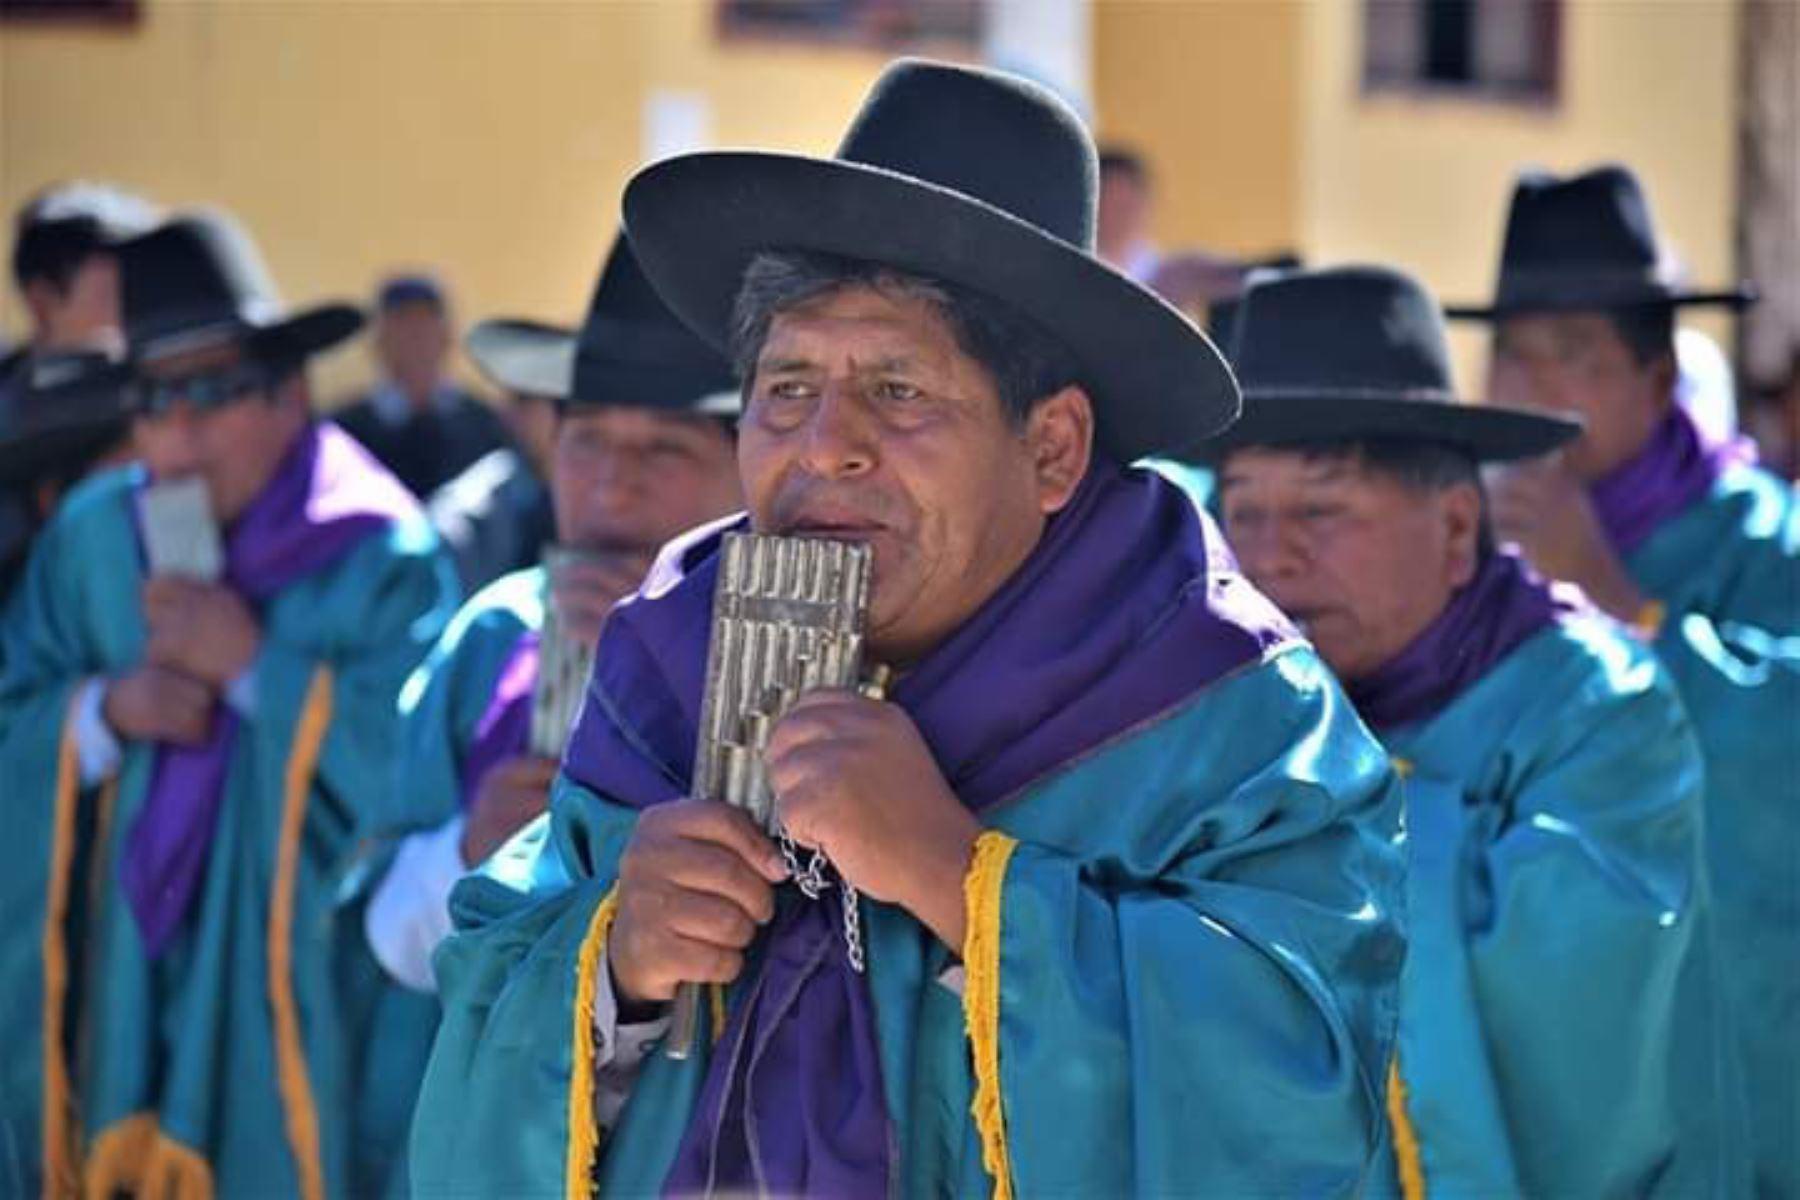 La zampoña metálica de Tacna, de acuerdo a los estudios, surgió en el distrito de Cairani, provincia de Candarave  y fue creada por el artesano  Toribio Machaca, quién  confeccionó una tropa o juego de zampoñas de metal con latas de alcohol provenientes de Bolivia. ANDINA/Difusión